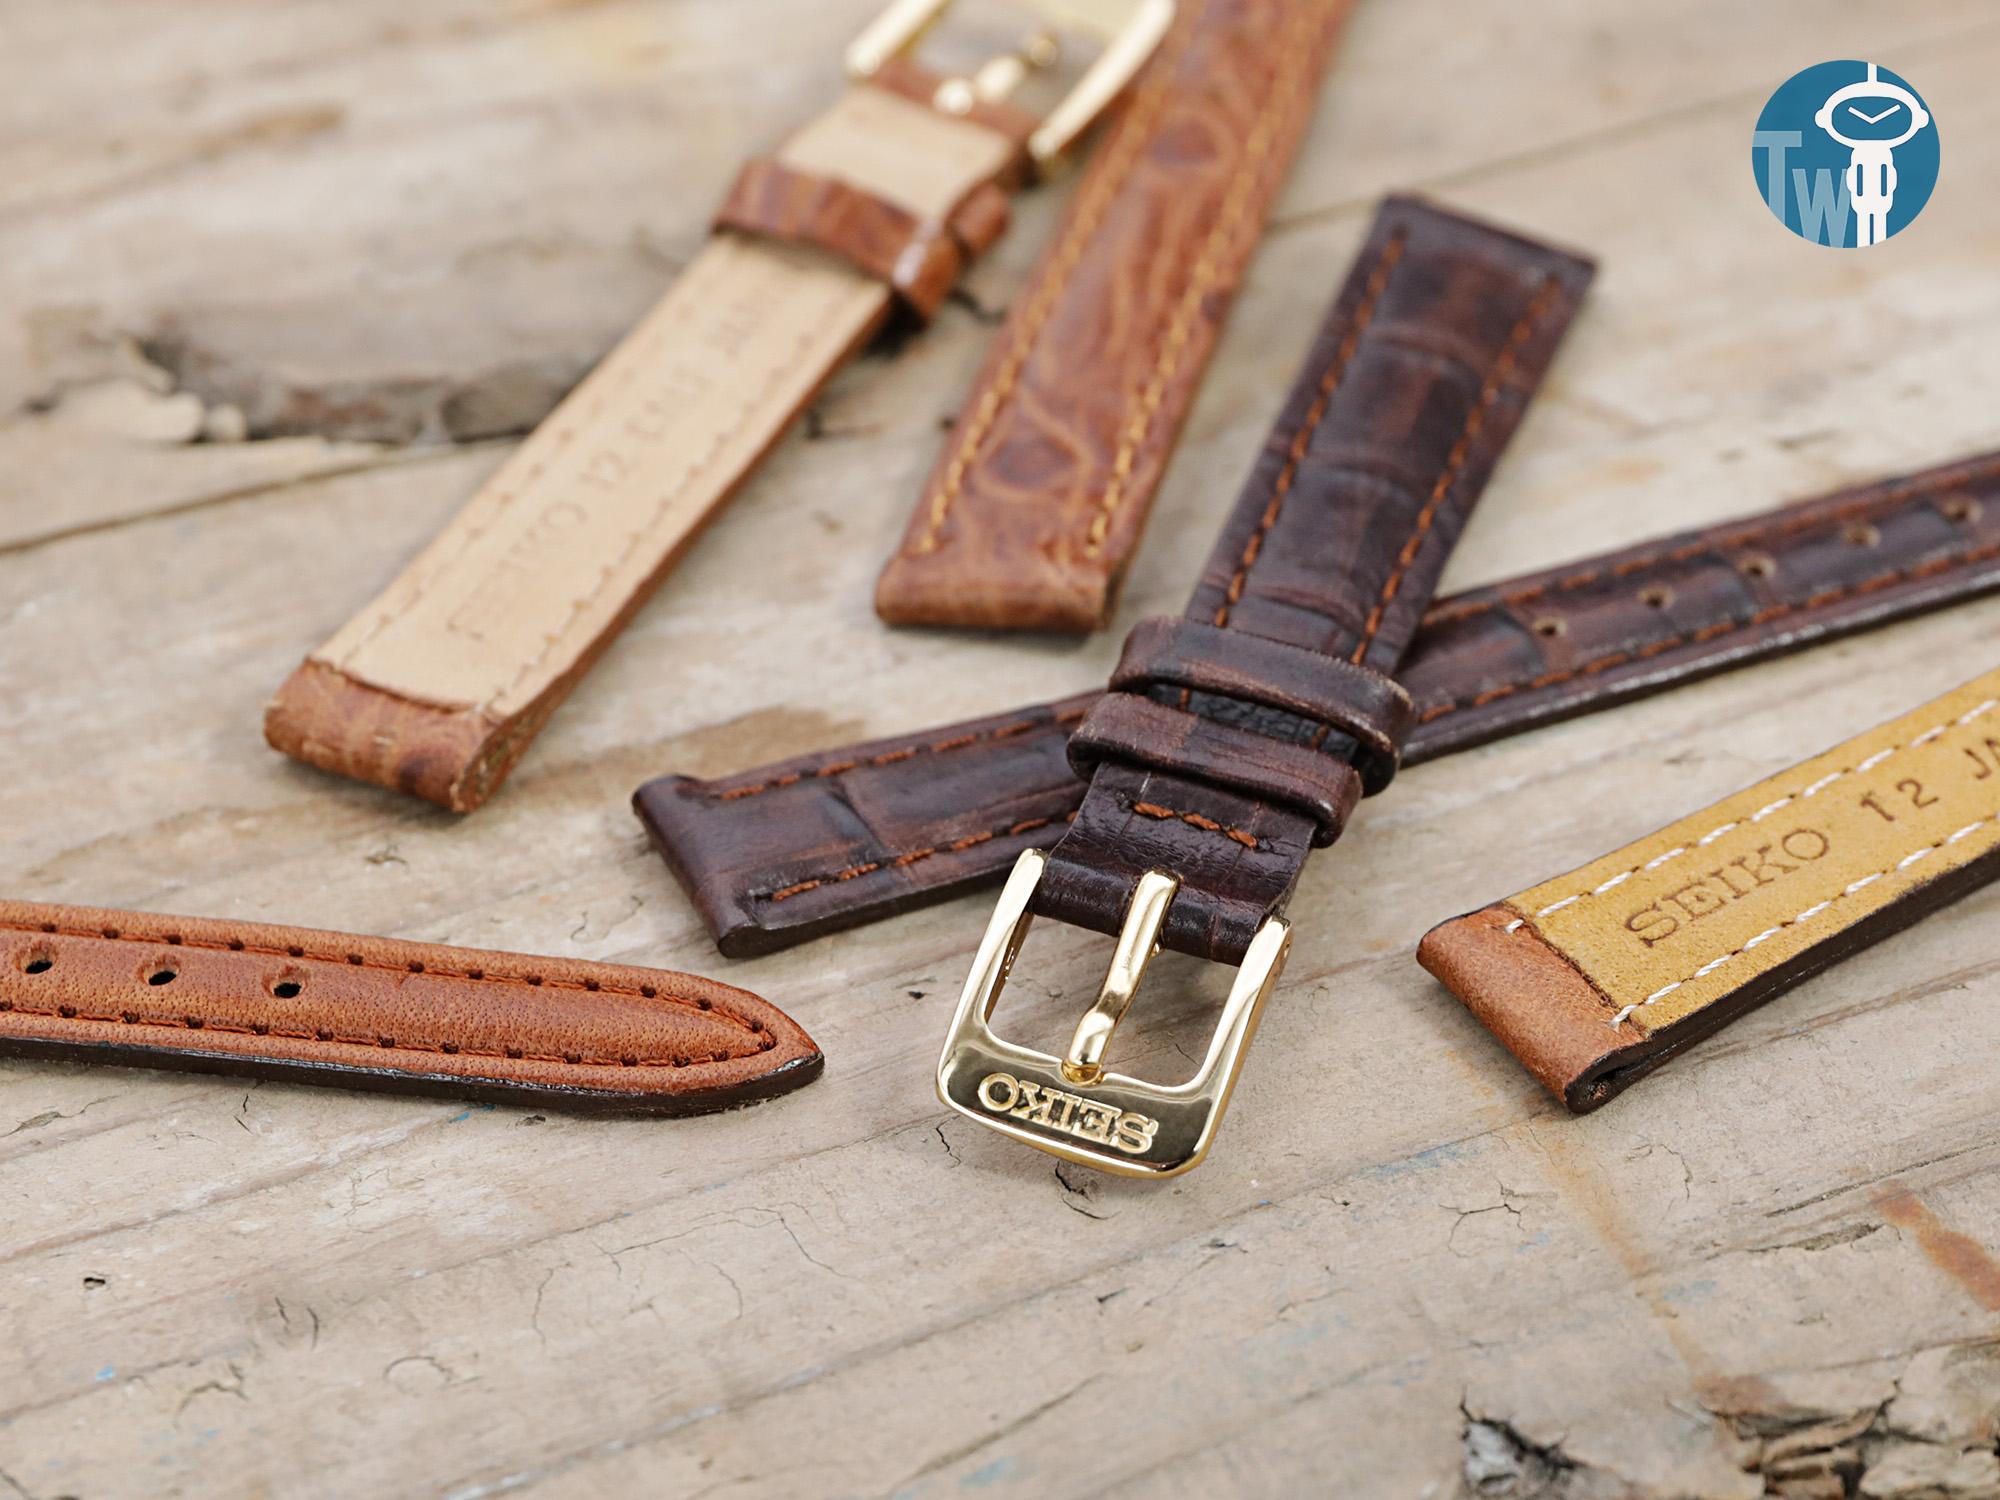 歷史的見證,原廠精工皮革錶帶你認識多少~?